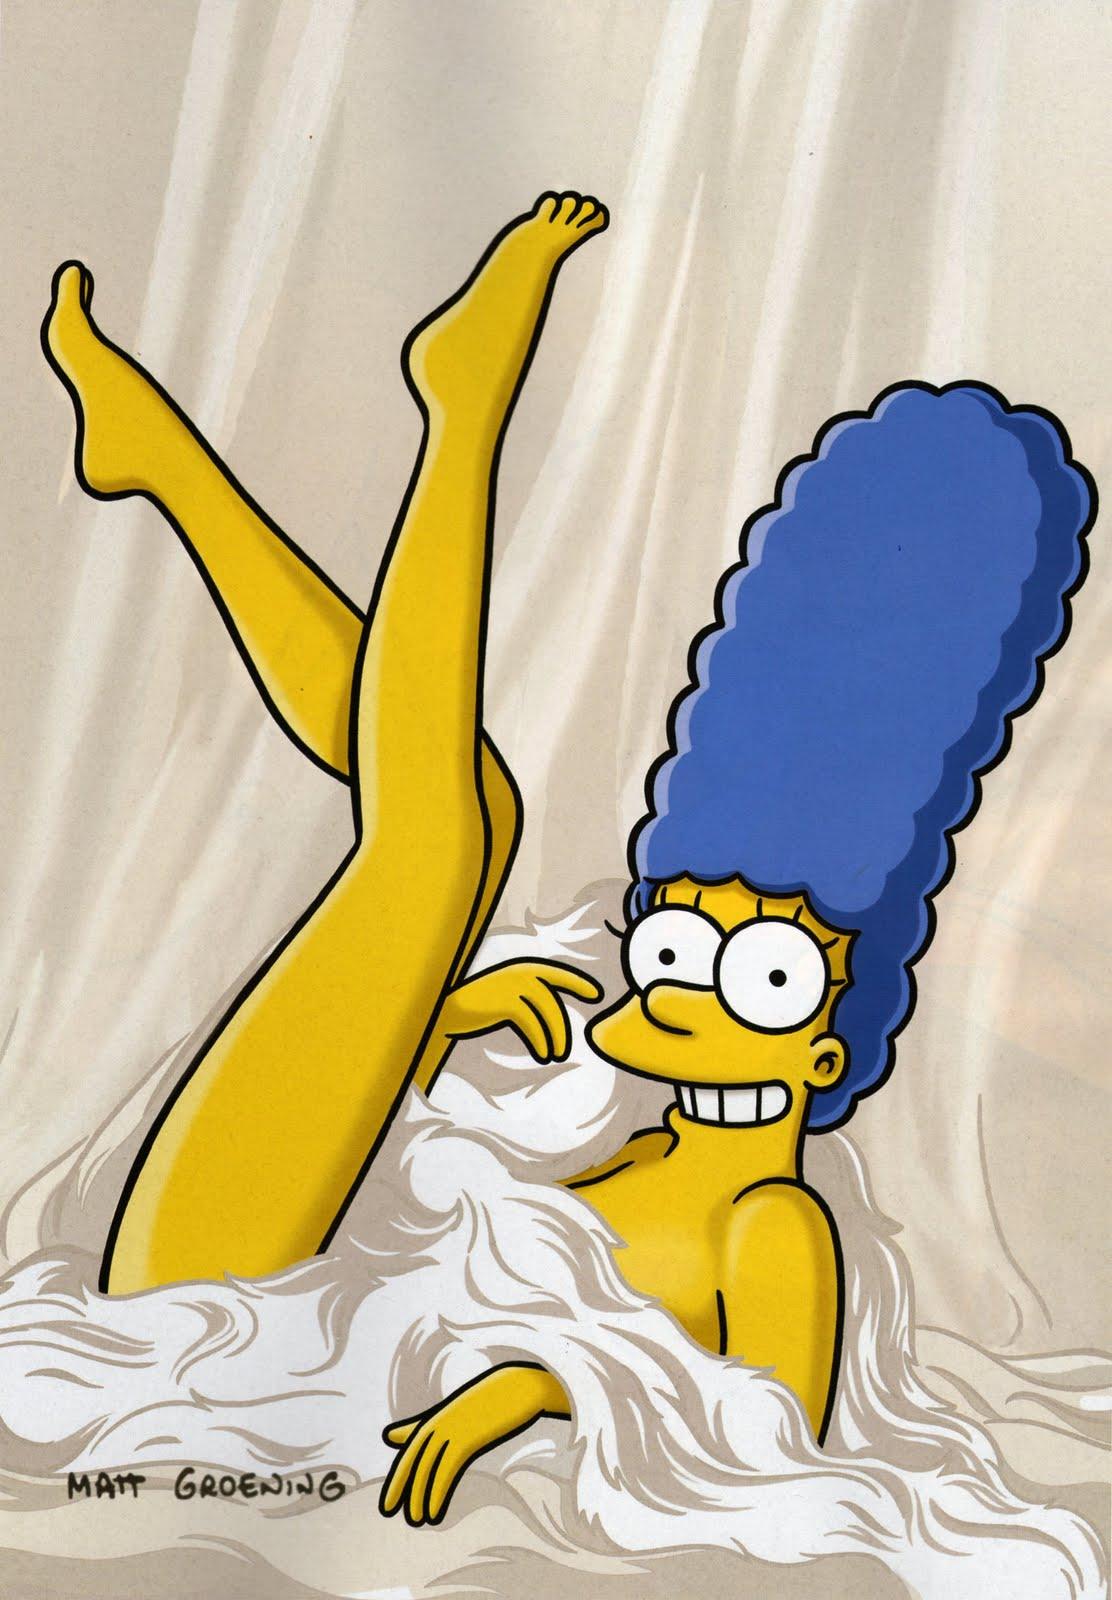 Марч Симпсон, March, Simpsons, wallpapers, обои для рабочего стола, Симпсоны, скачать фото